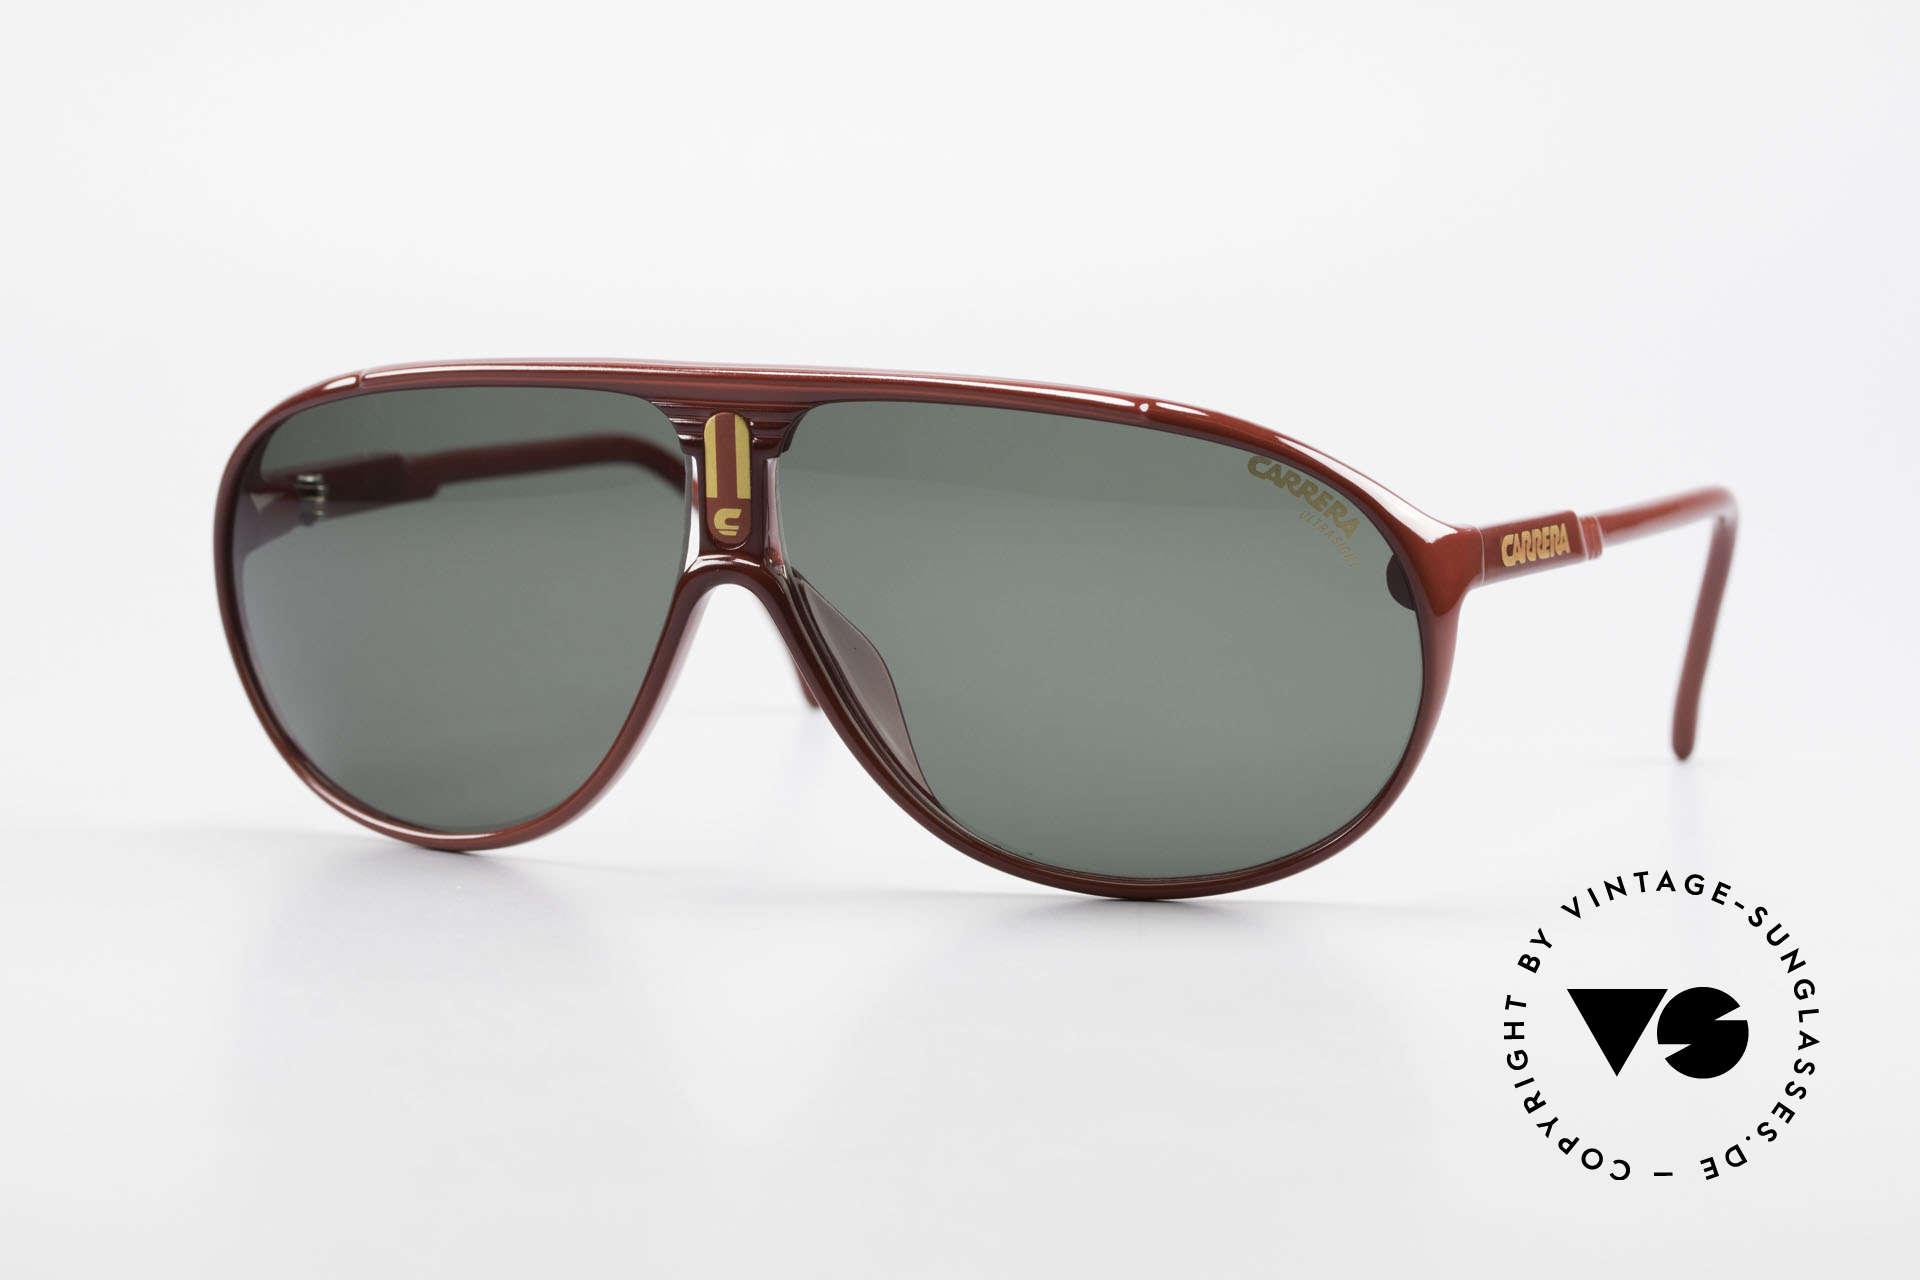 Carrera 5412 Brille 3 Paar Wechselgläser, einfach geniale 80er vintage Sonnenbrille von Carrera, Passend für Herren und Damen